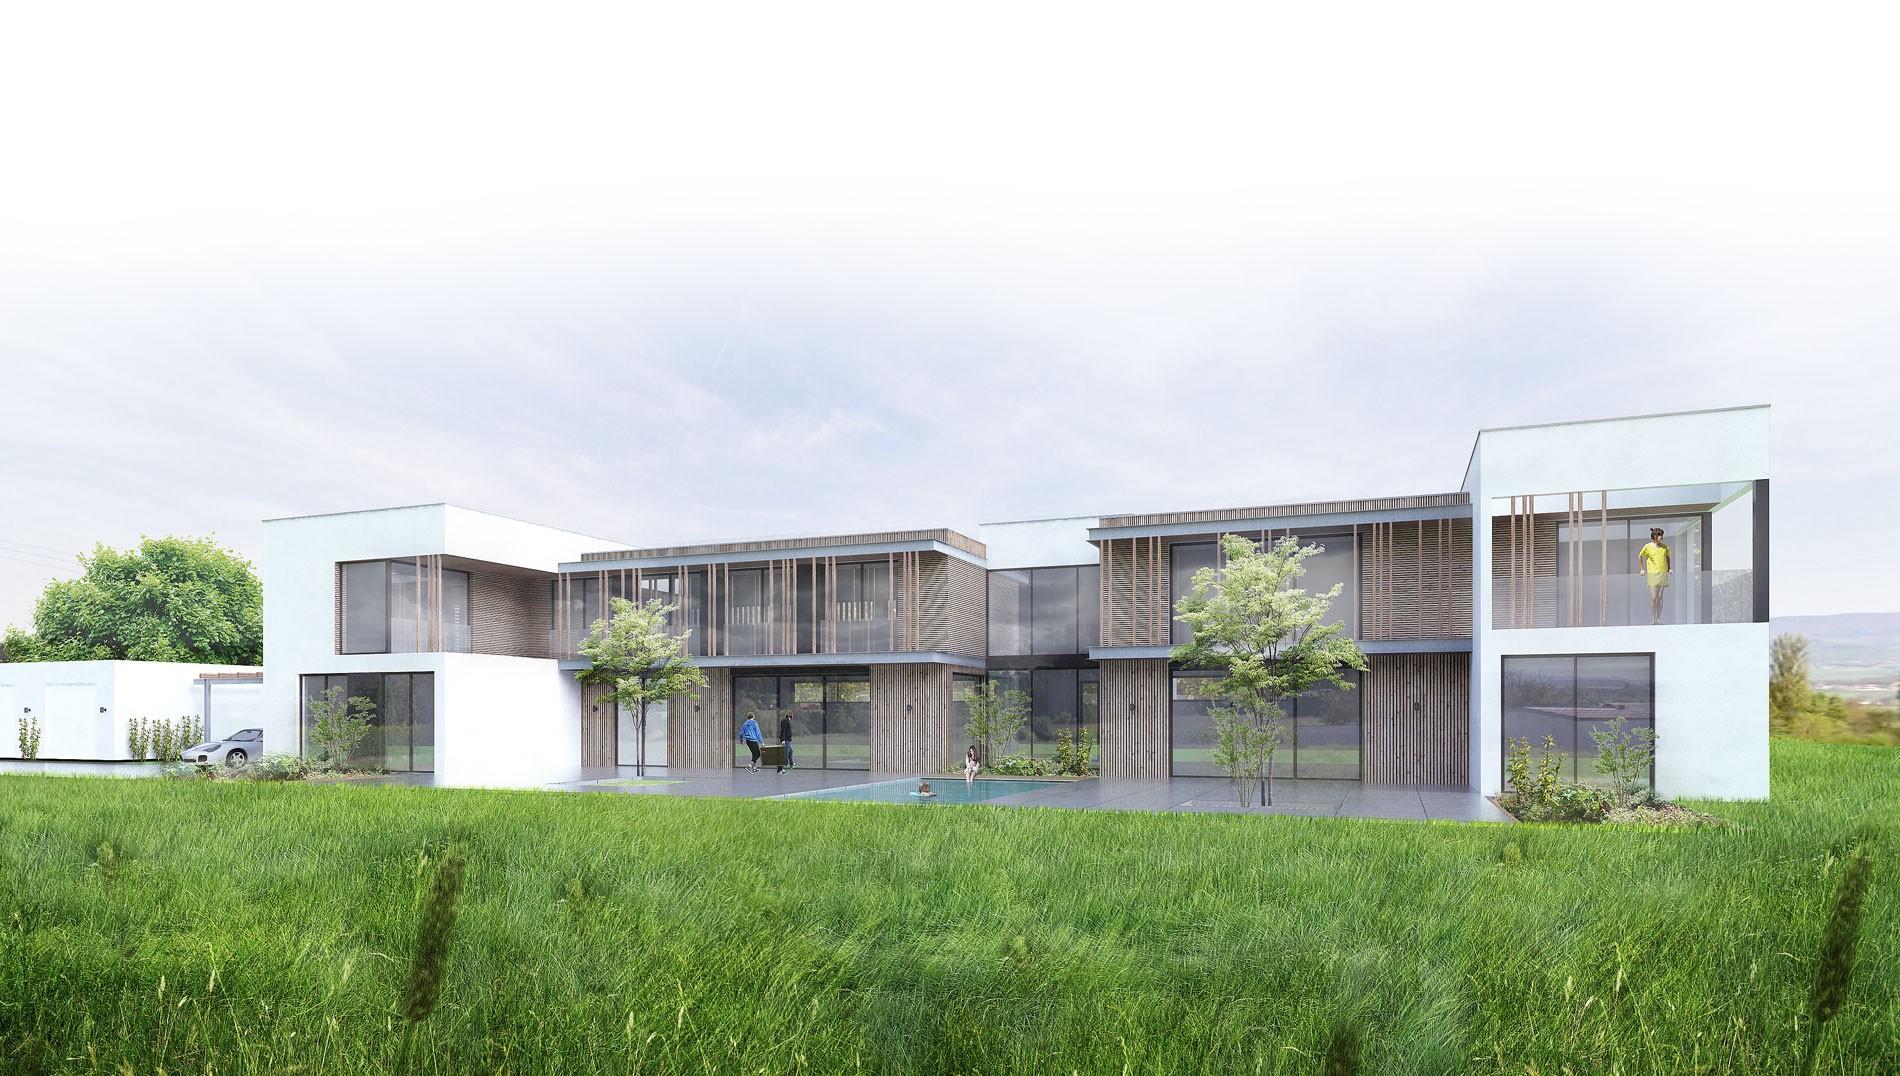 maison contemporaine toiture terrasse bois metal-brique-piscine-spa-3